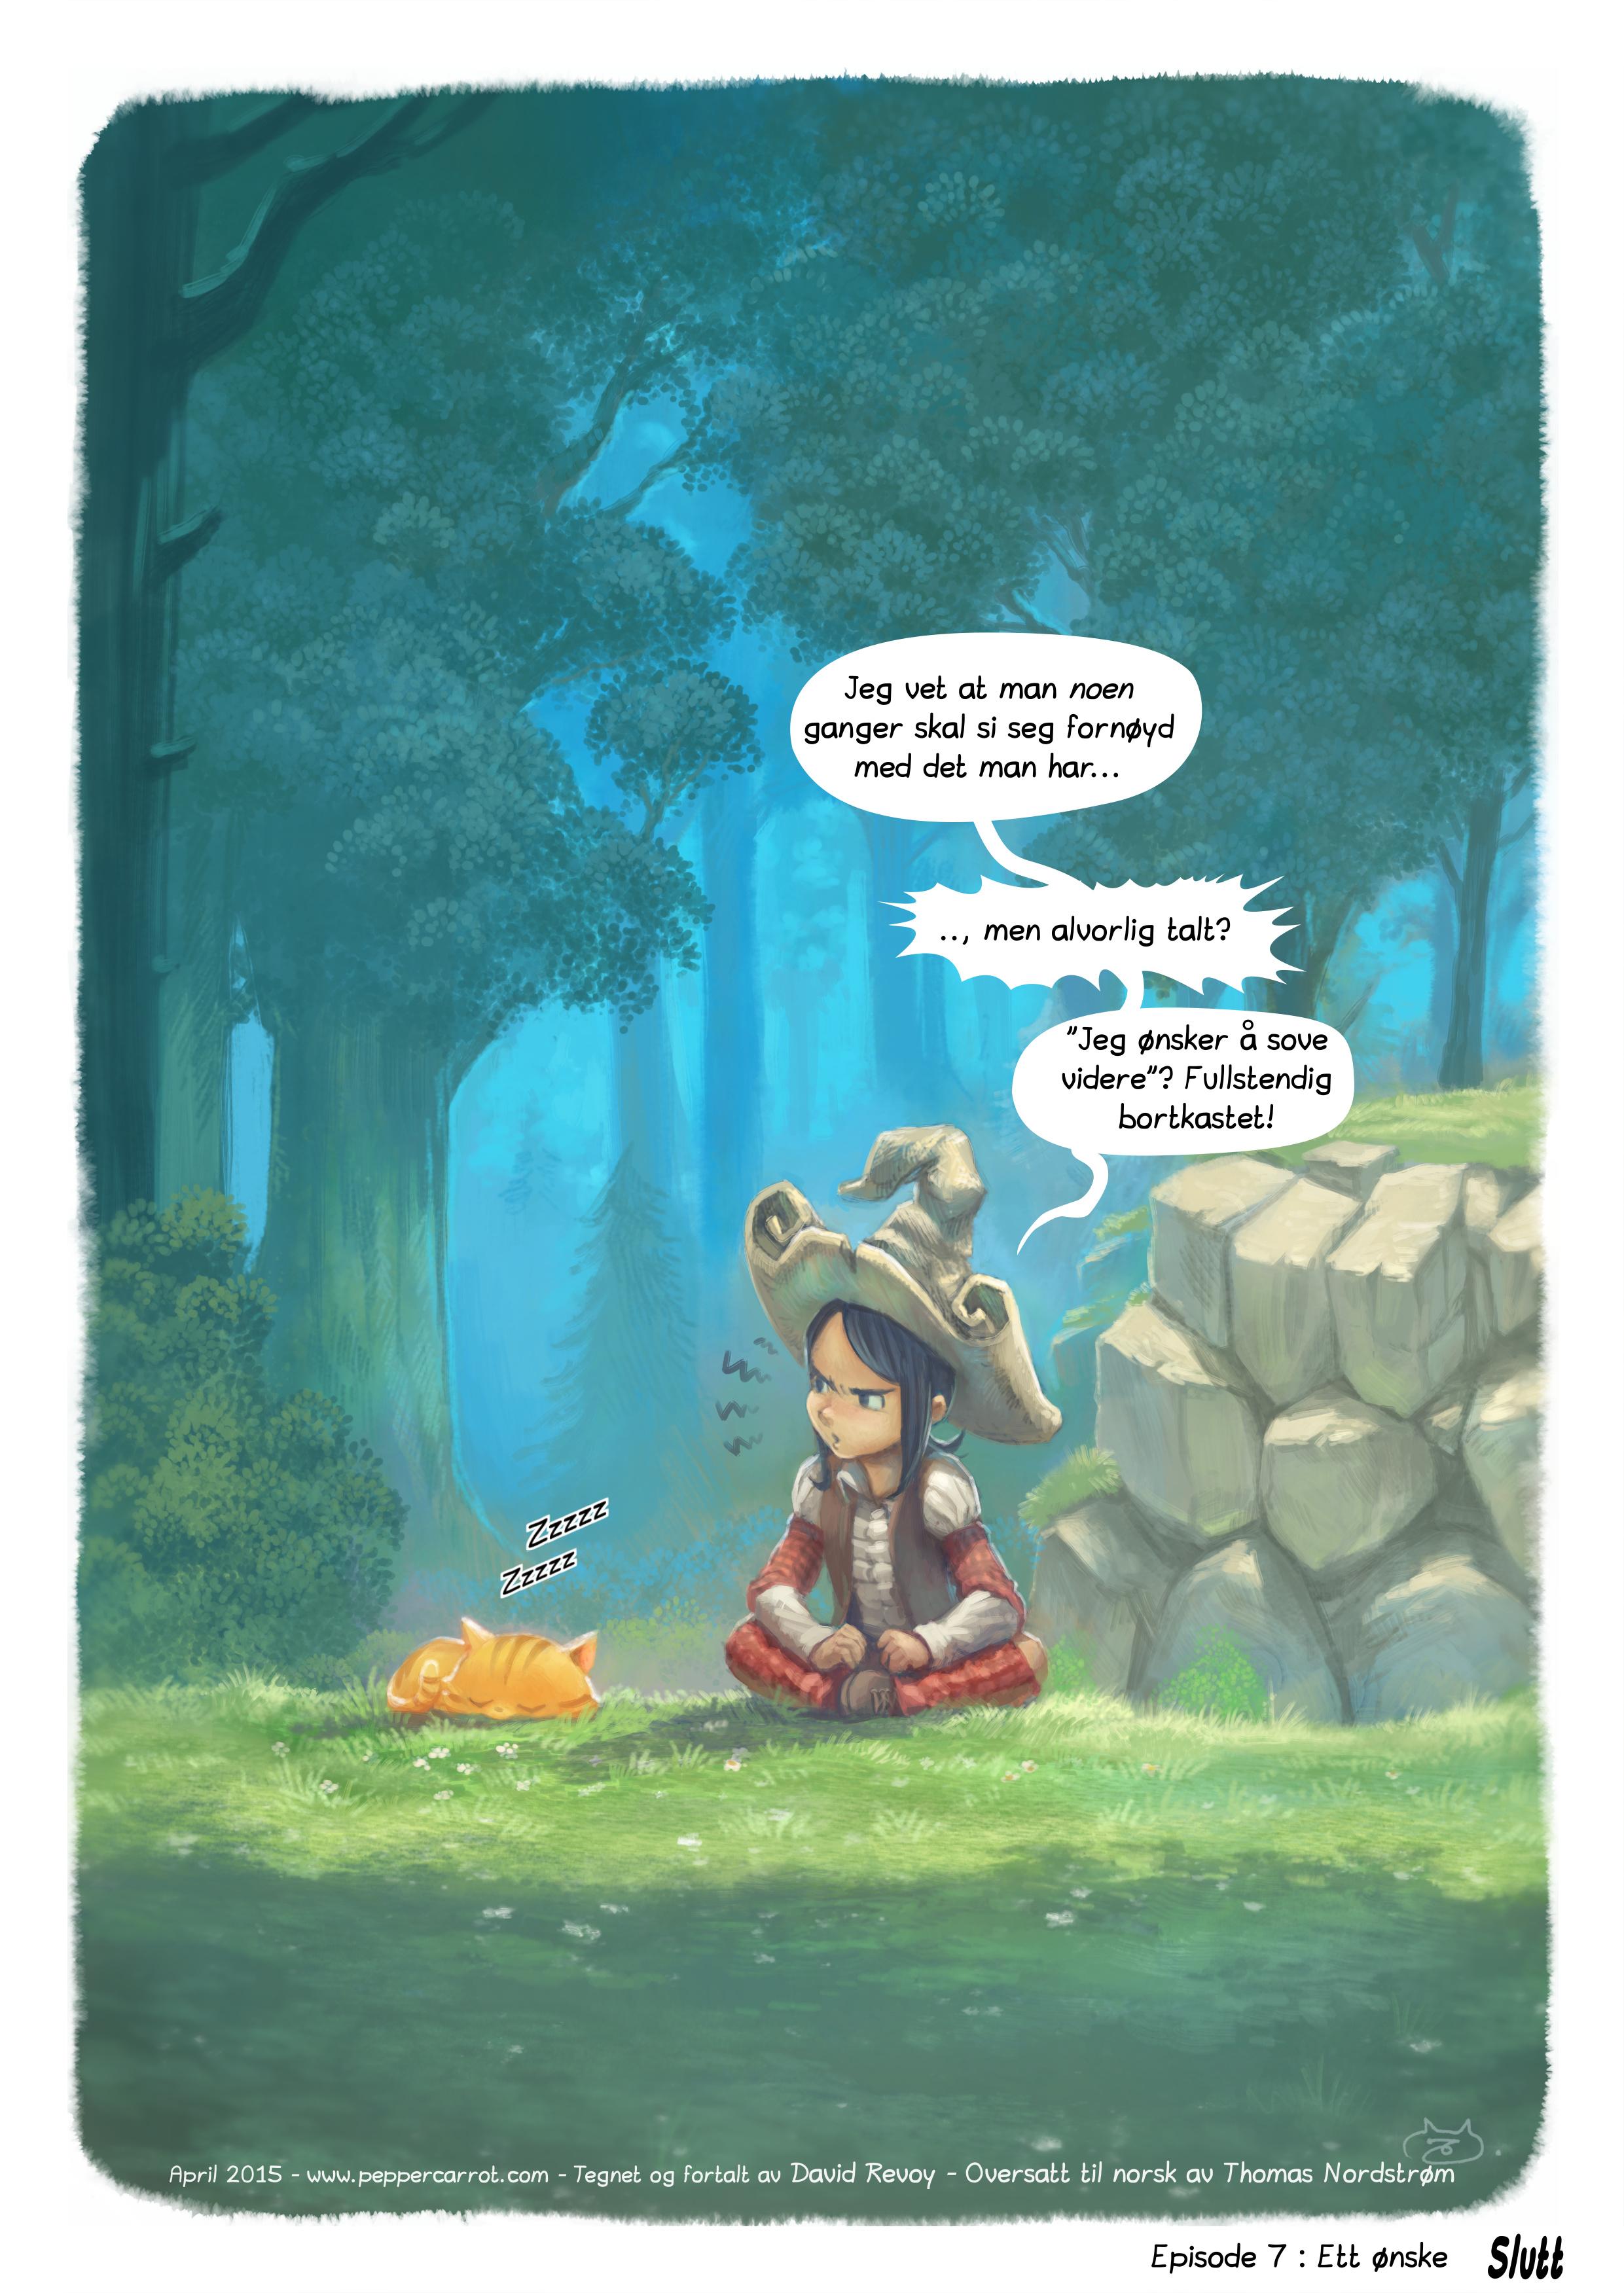 Episode 7: Ett ønske, Page 5